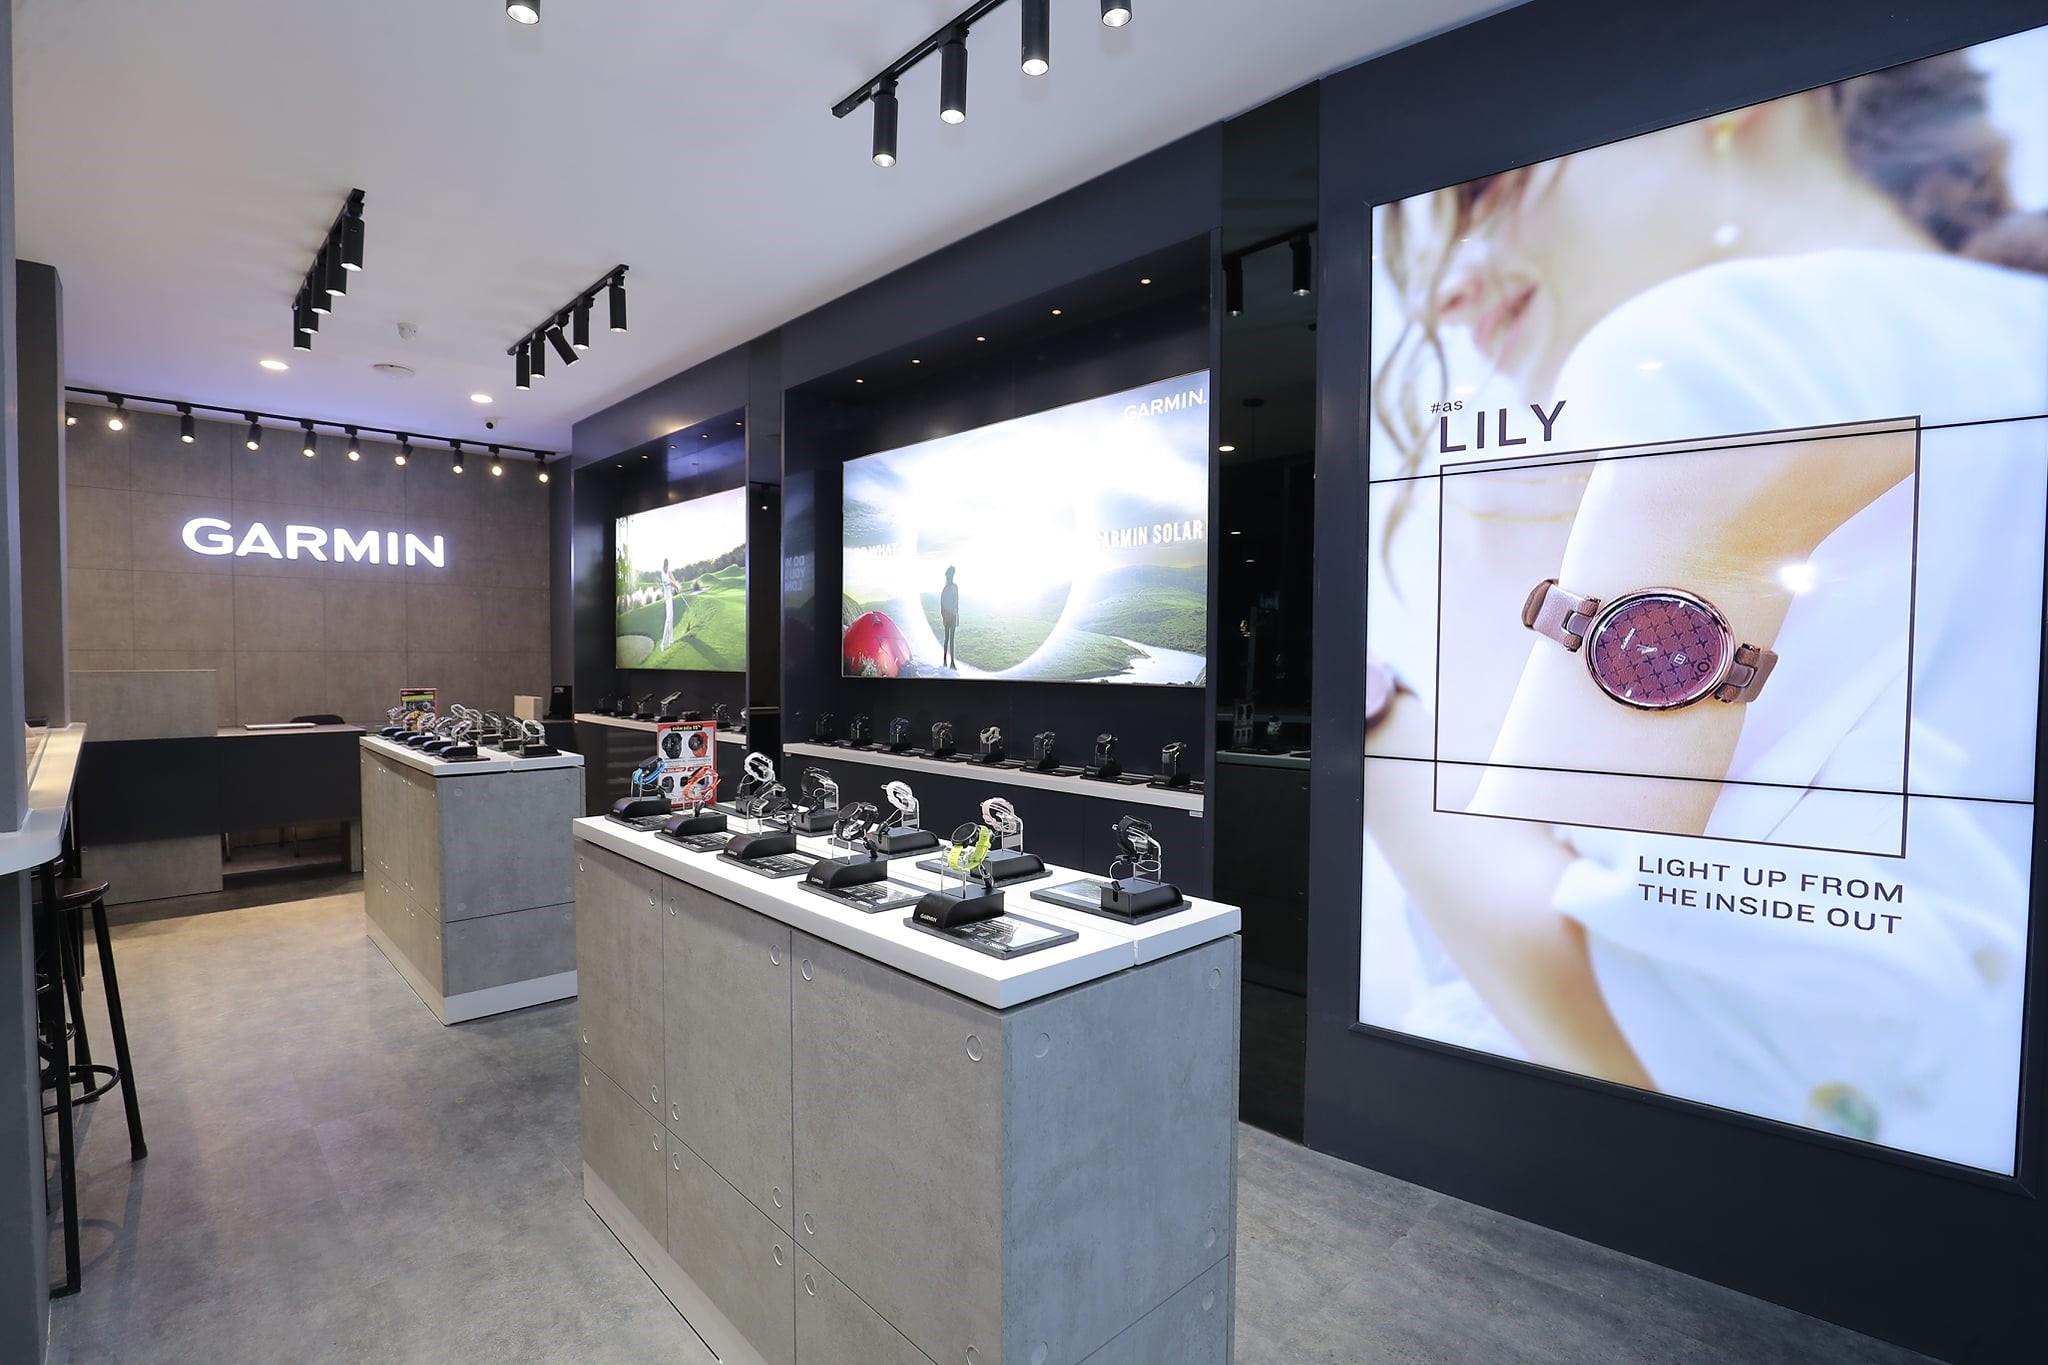 Cửa hàng thương hiệu Garmin đầu tiên ở Việt Nam, đặt tại Hà Nội.